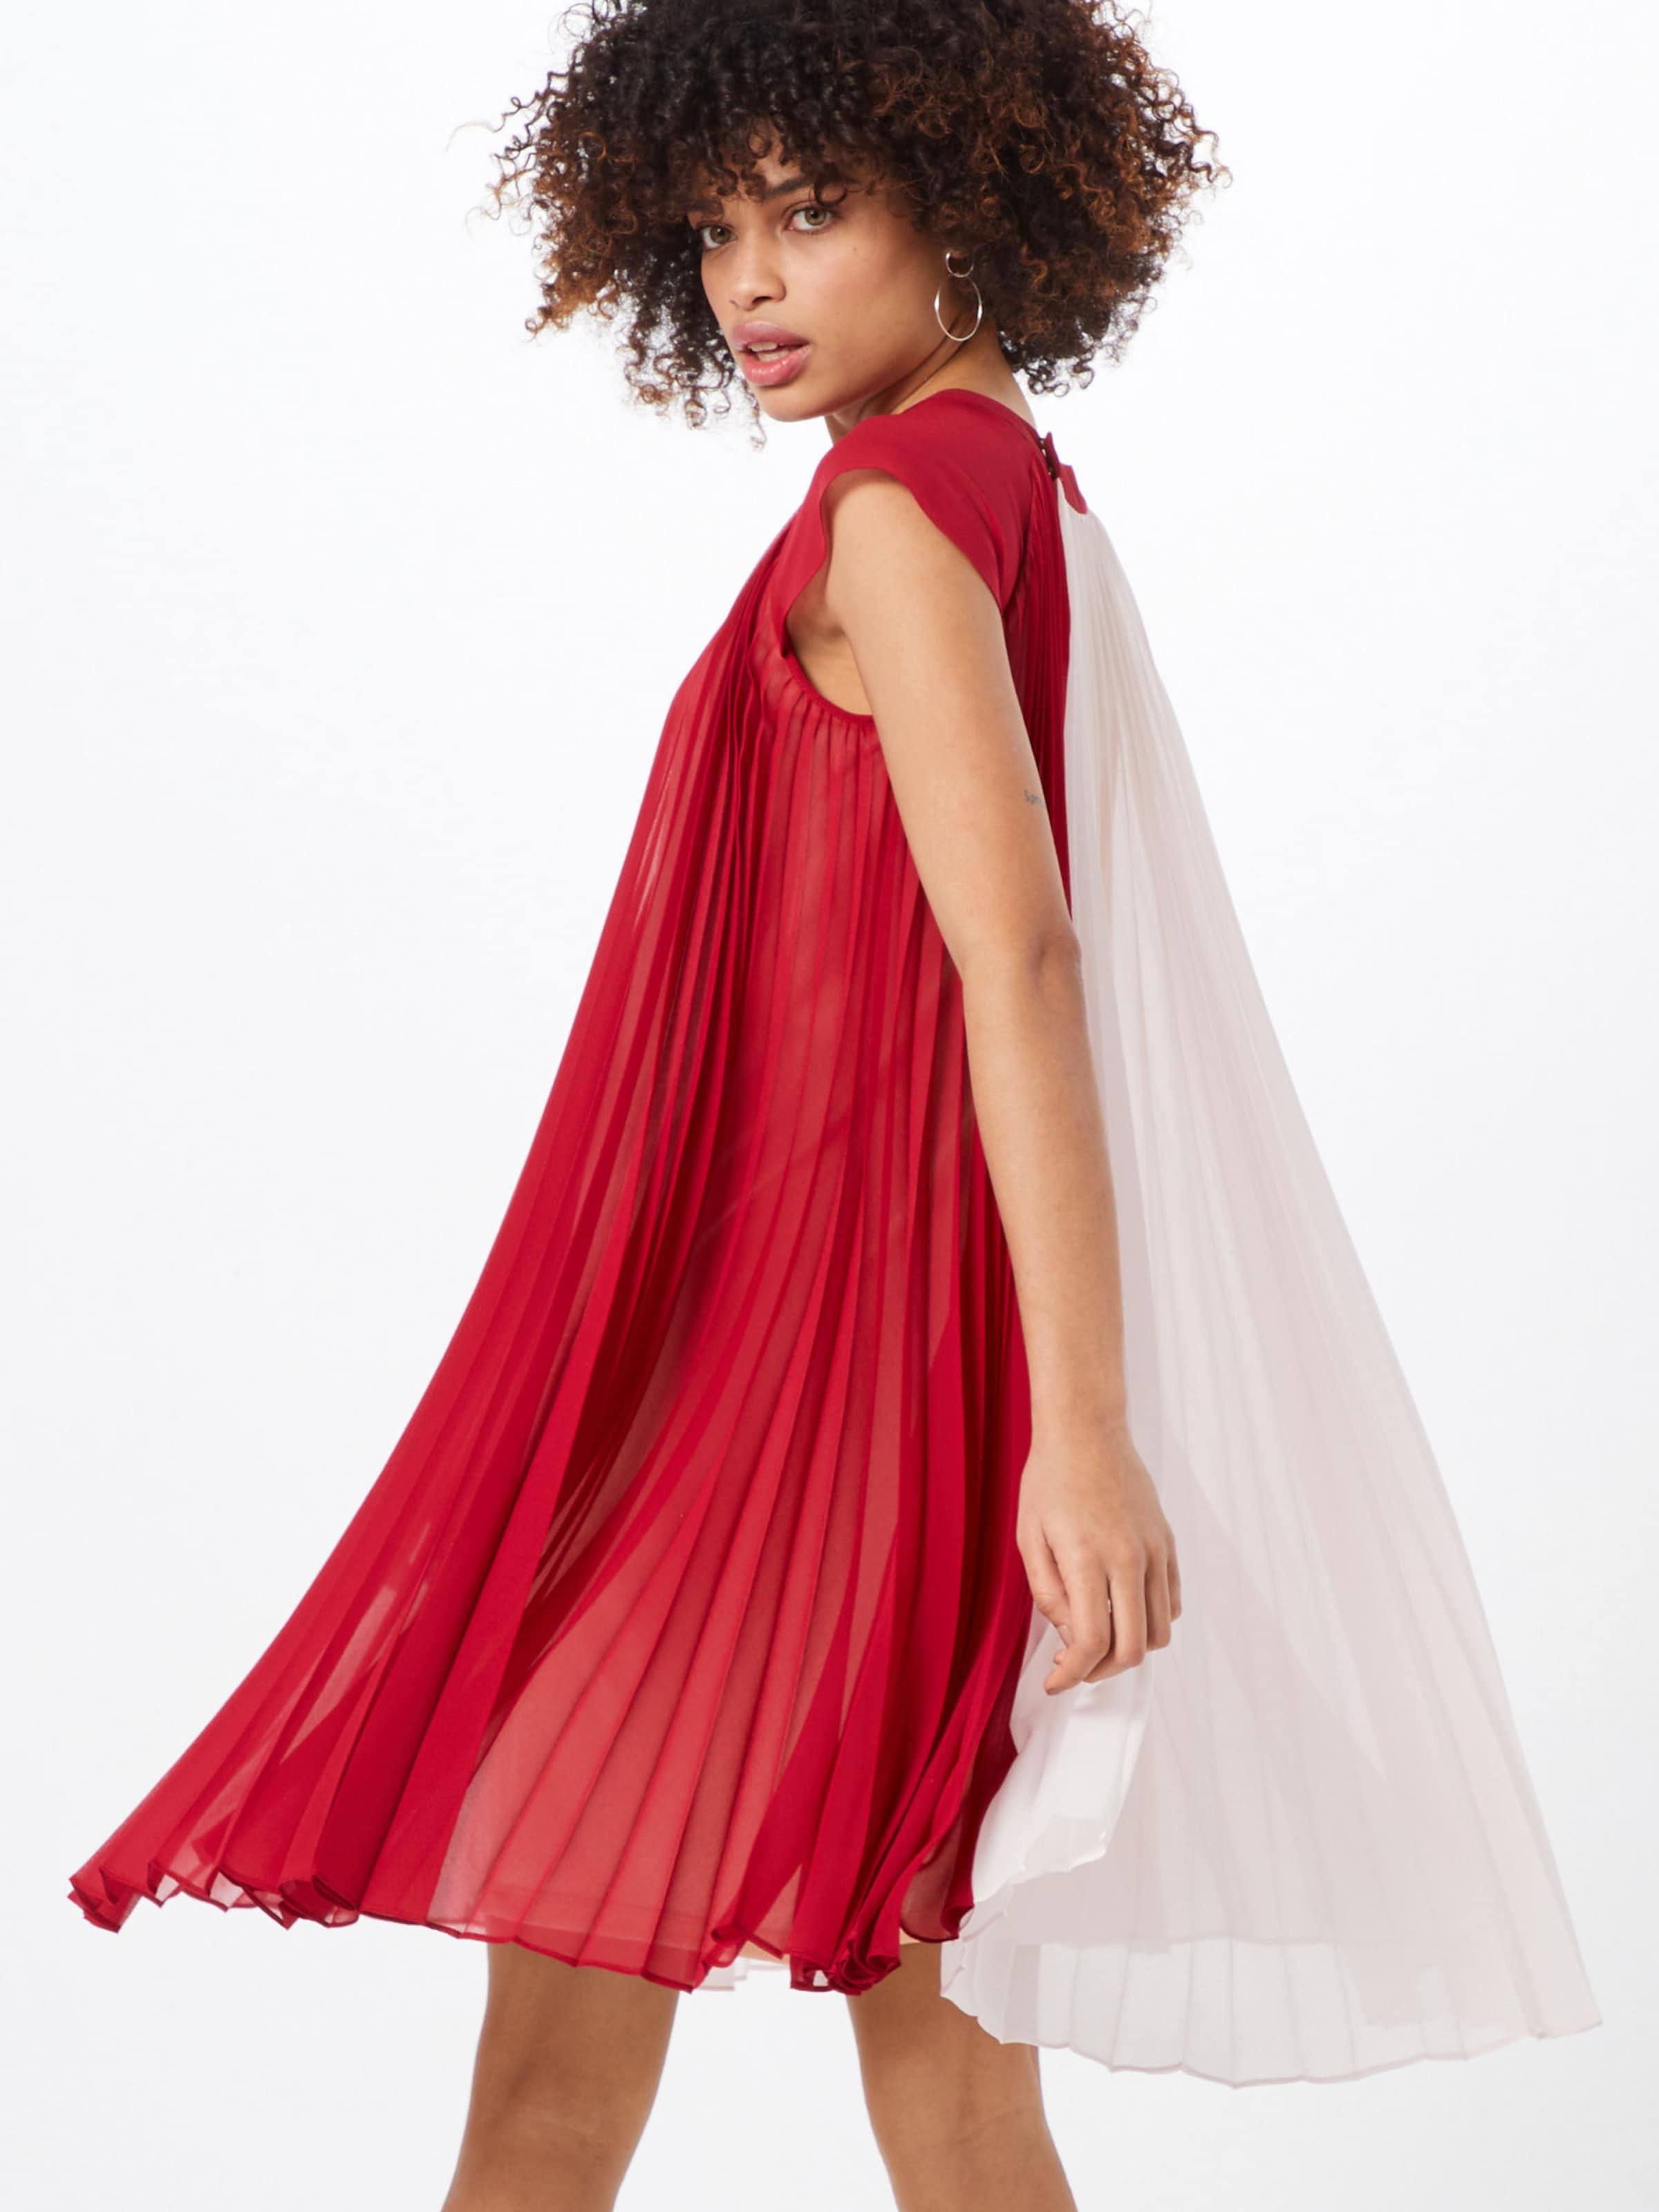 'ray' RosaRot Kleid Kleid Iblues In In In 'ray' Iblues Kleid 'ray' RosaRot Iblues H29IEWYD